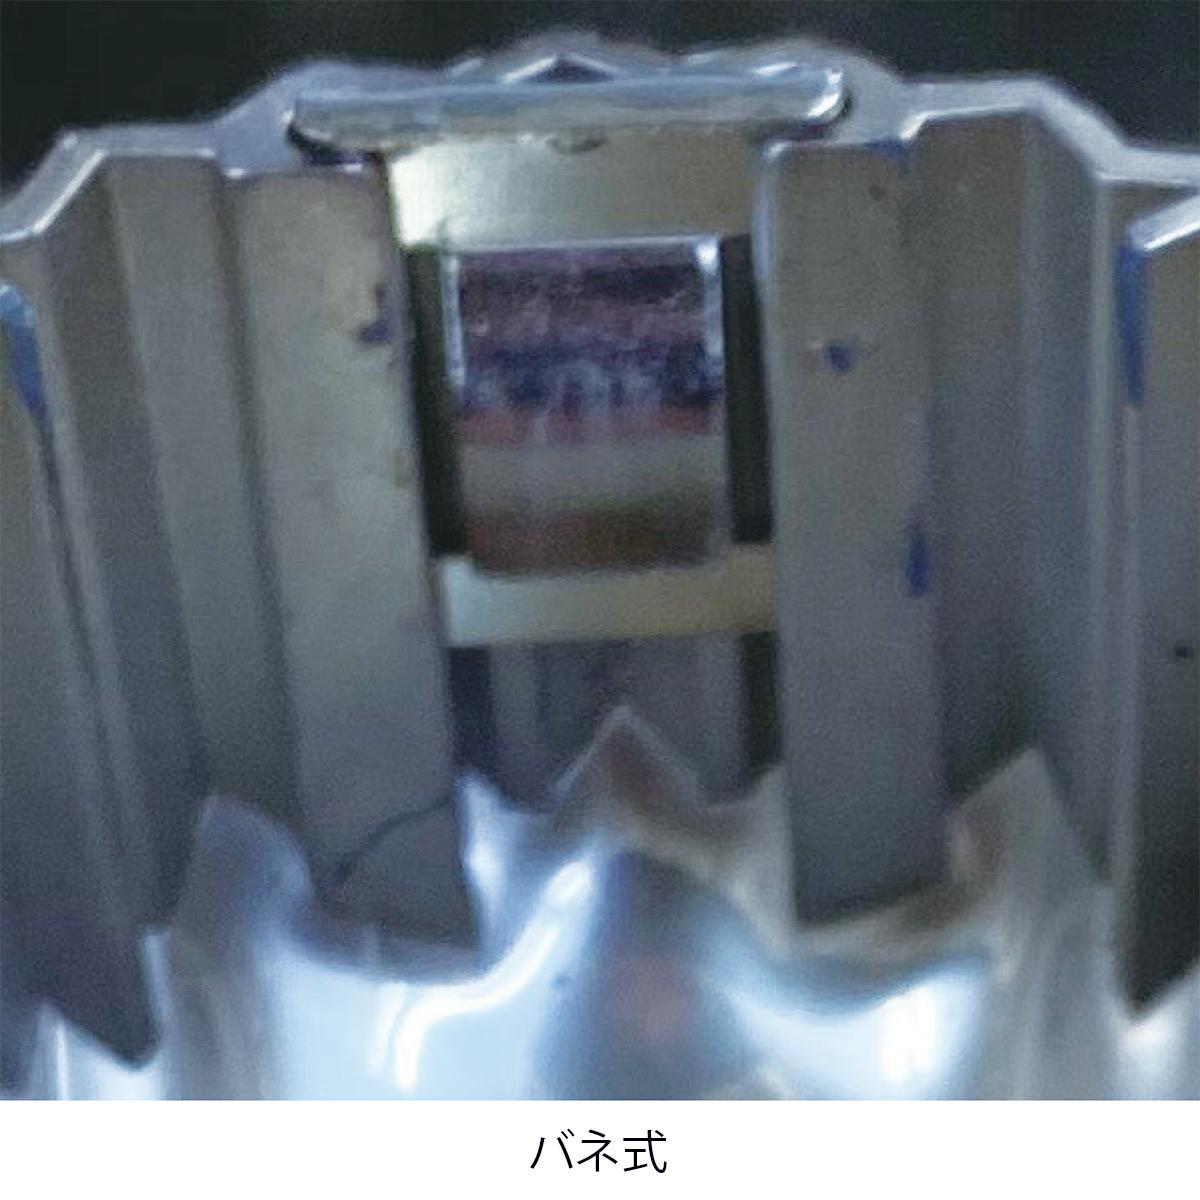 ゆるみチェック ナットキャップ クロームメッキ仕上げ 新ISO規格対応 33mm 全高53.5mm インジケーター 大型車用 10ヶ入